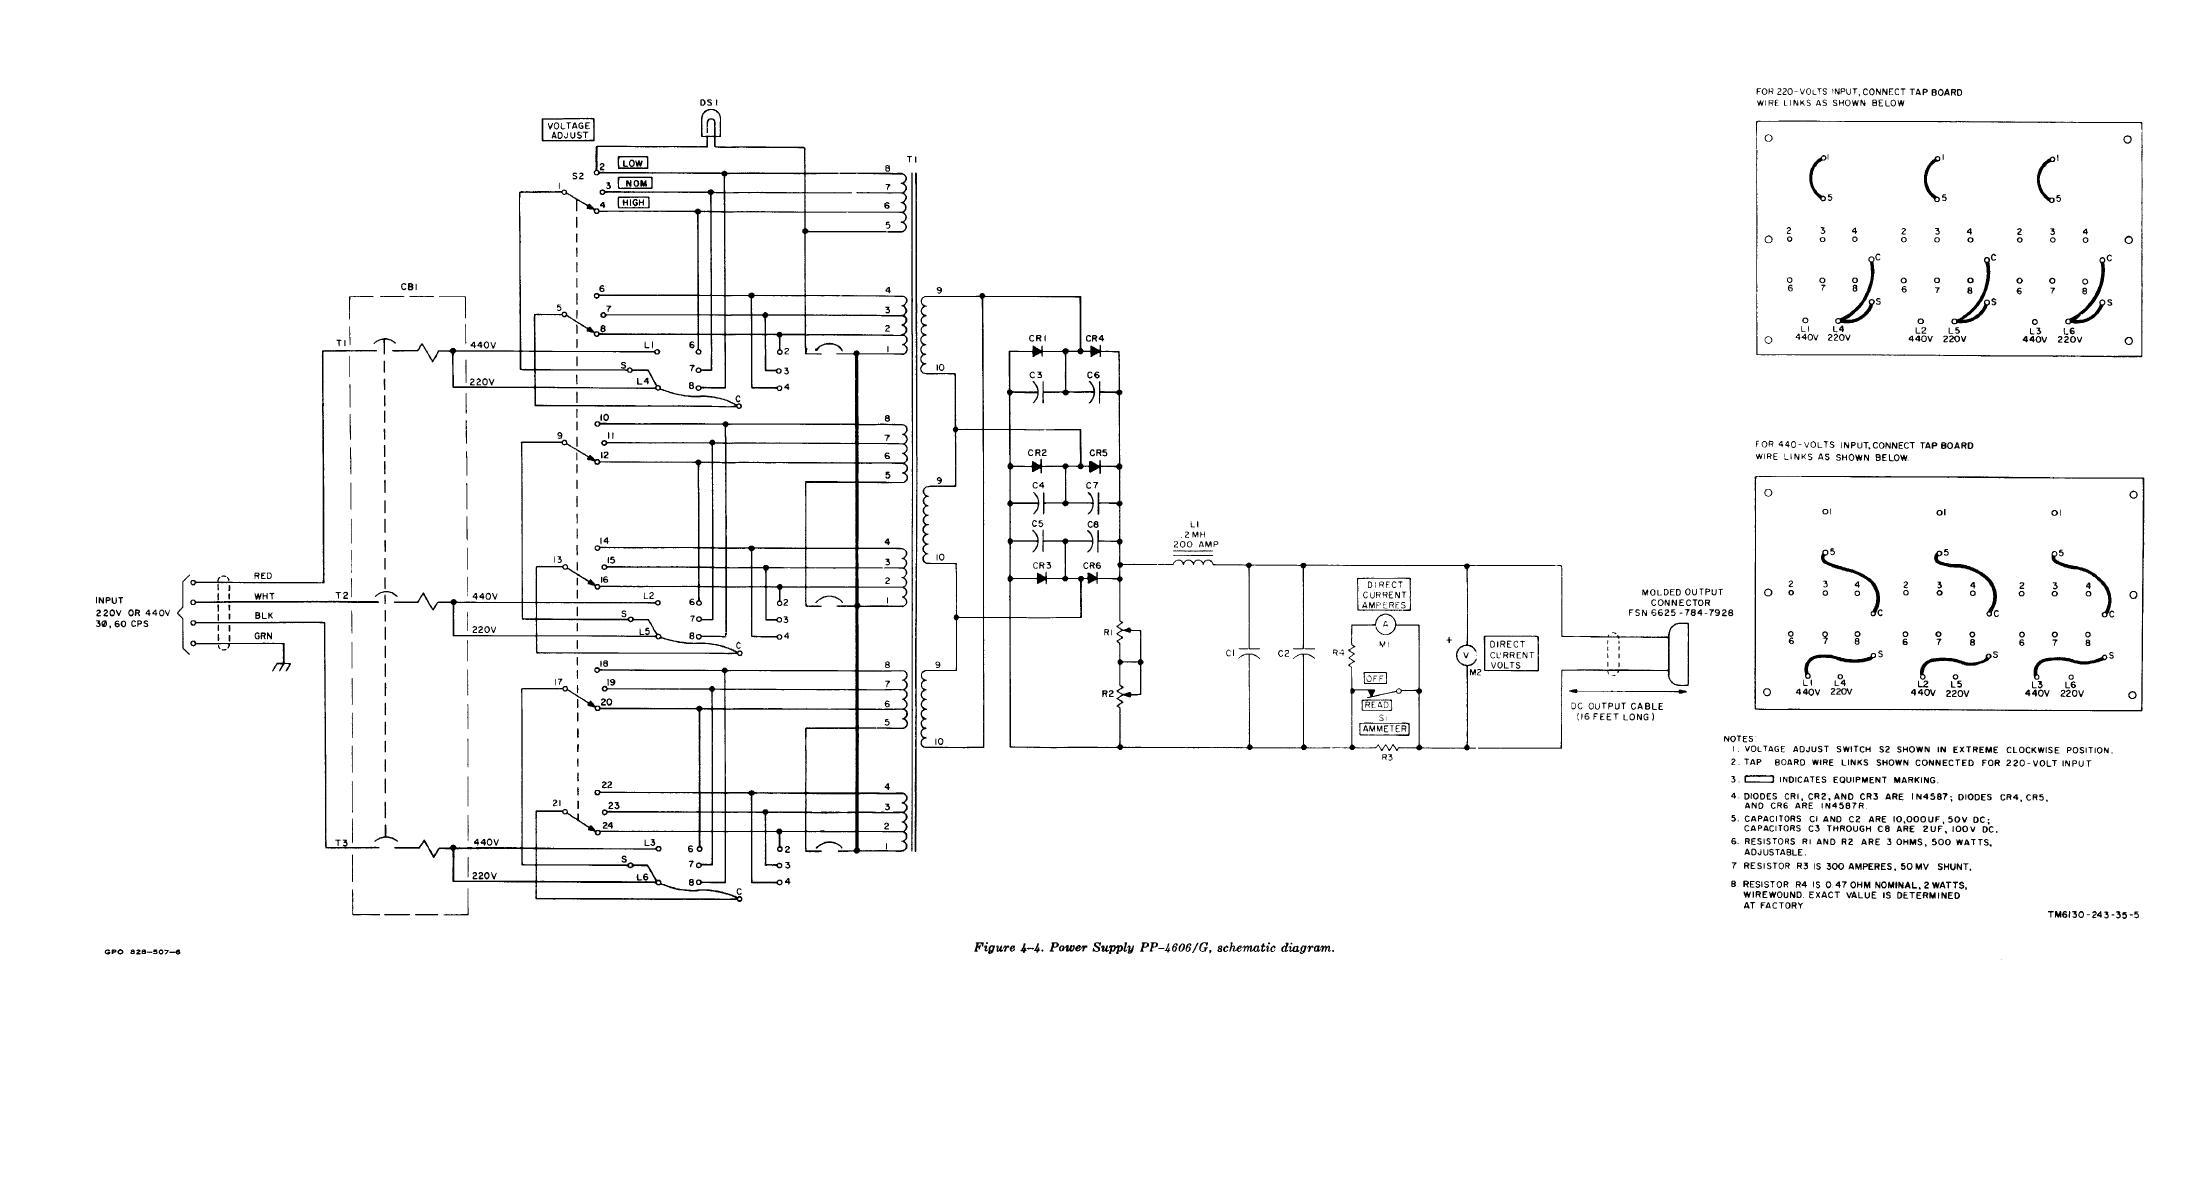 Figure 4 4 Power Supply Pp G Schematic Diagram